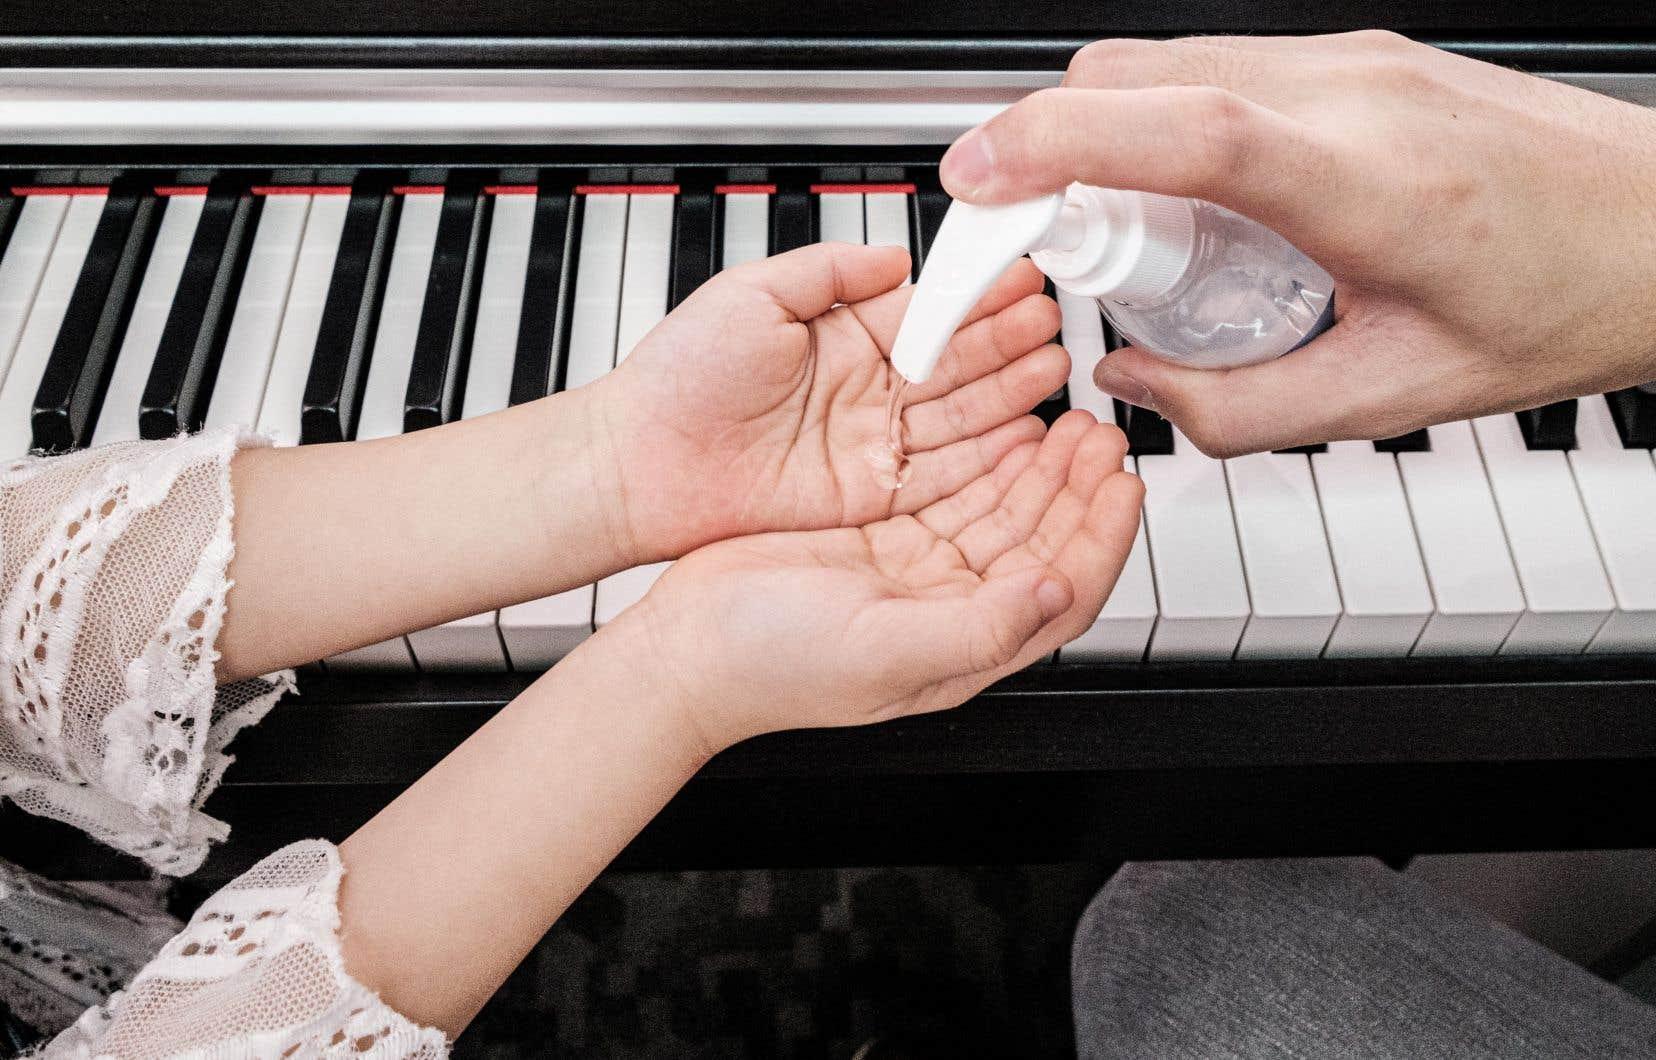 Les scénarios se multiplient pour maintenir à flot un pan de la vie et de l'industrie musicales.